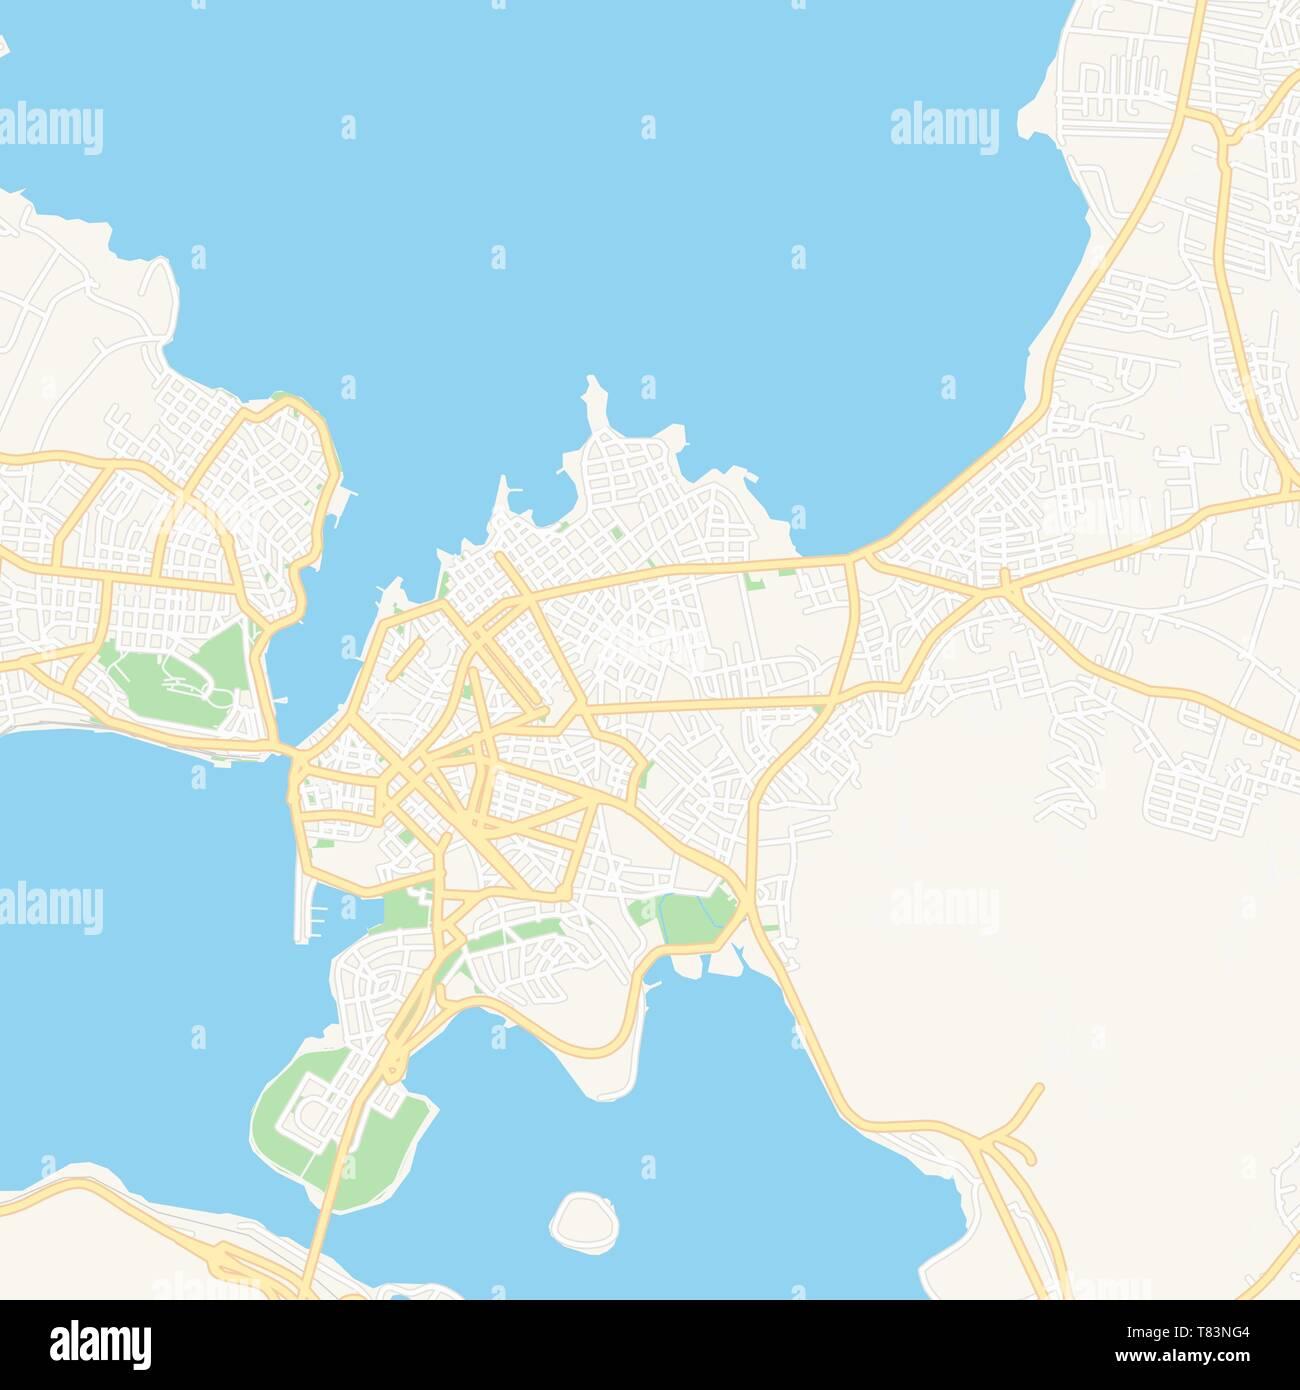 Greece Abstract Vector Map Stockfotos & Greece Abstract Vector Map on